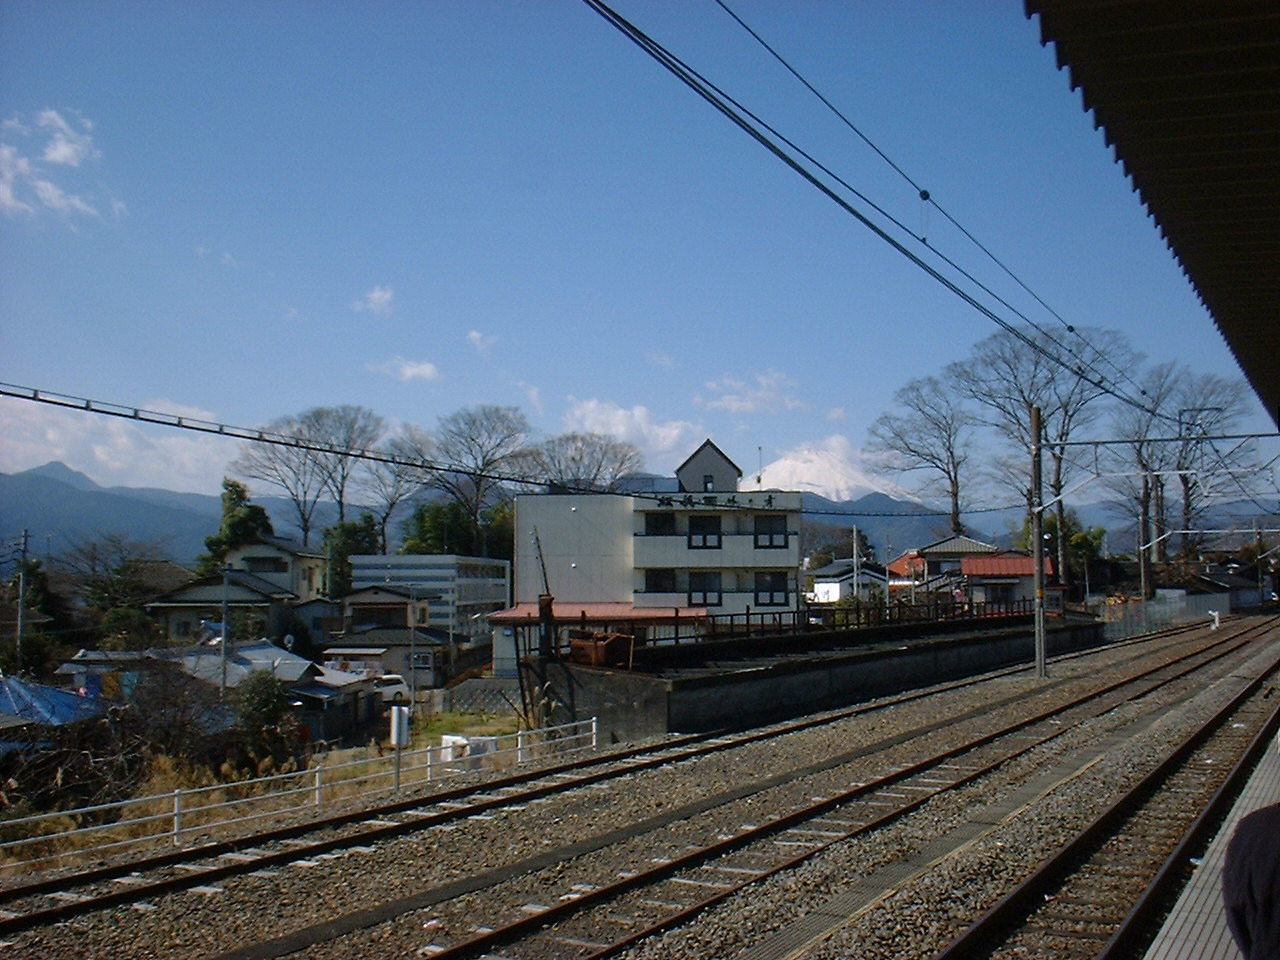 松田駅から見える富士山 これは松田駅から見えた富士山。松田駅はJRはJRでもJR東海なのでSu.